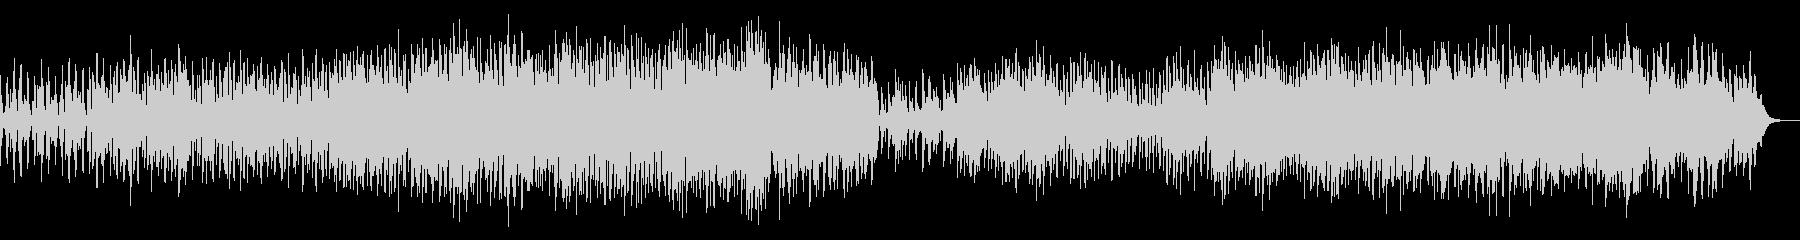 陰鬱なテクスチャのアンビエントIDMの未再生の波形